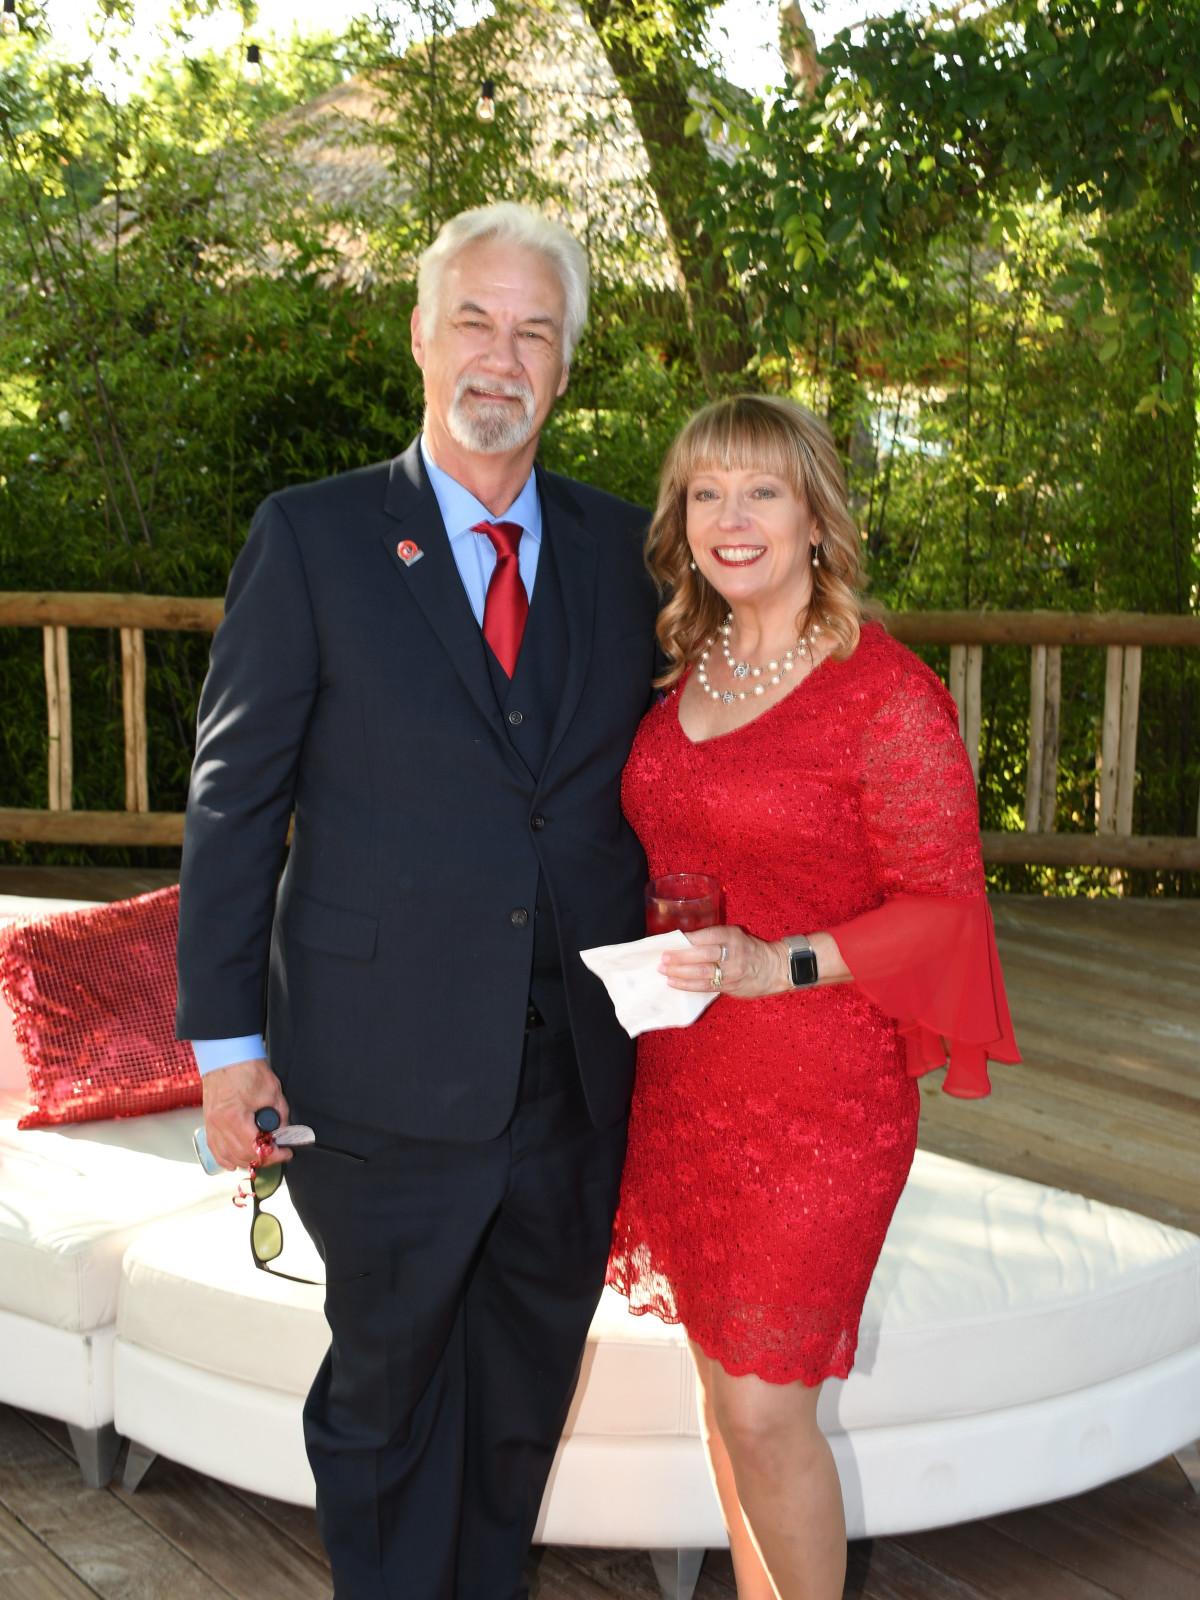 Gregg and Lisa Cobb